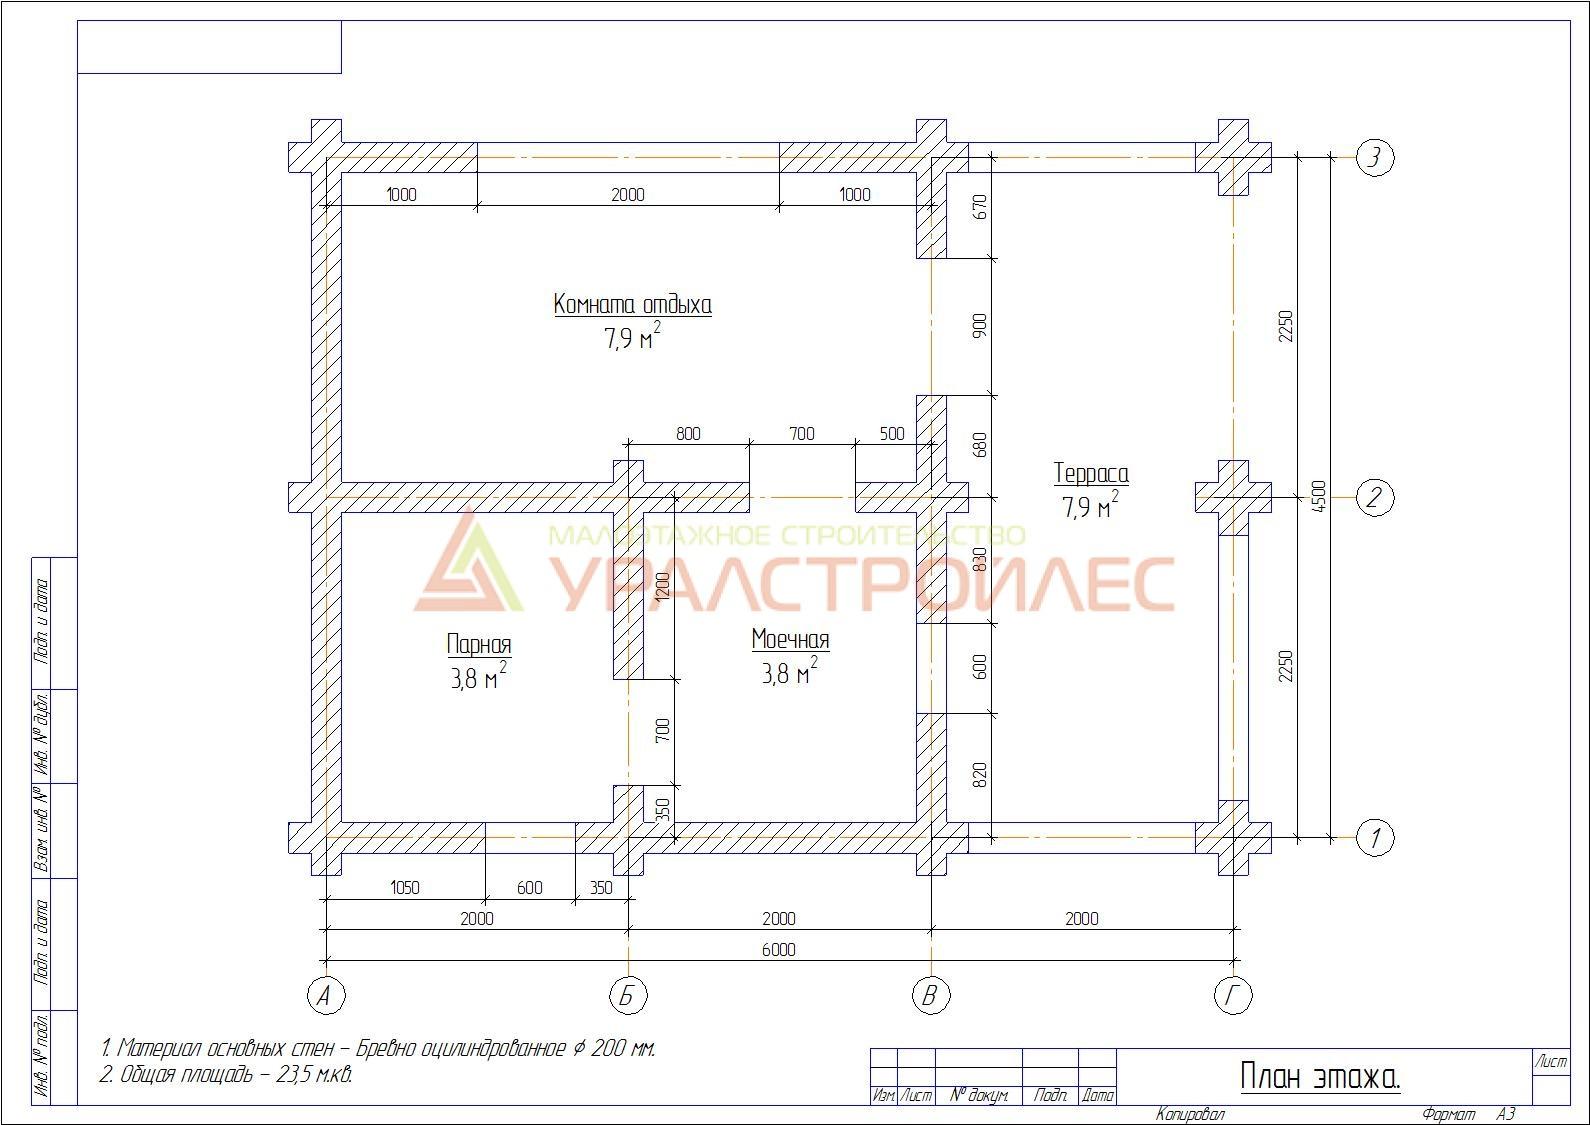 254 Баня 6х4,5 (200)Проект №254, баня 6х4.5, общая площадь 23.5 кв.м. (200)